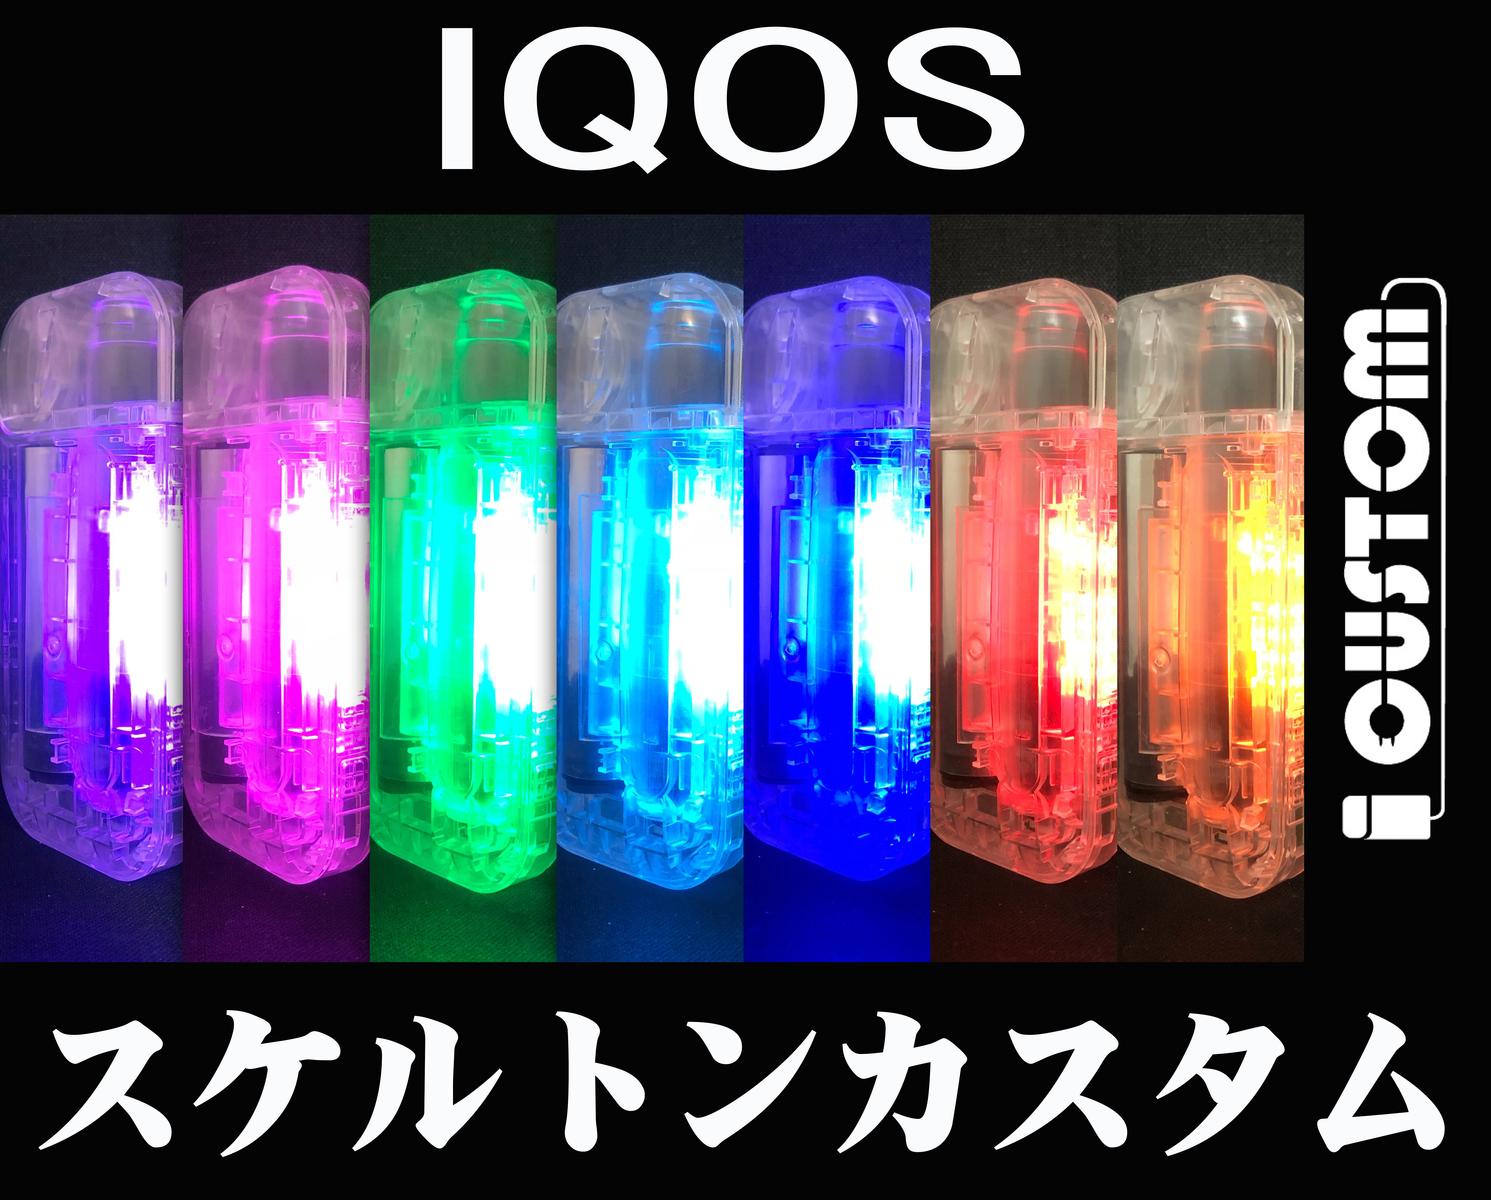 カスタムIQOS スケルトンパーツ交換済み!!基盤LED打ち換え、新型iQOS2.4プラスを分解 パーツを組み替えております!本体-SapphireBlue-アイコス/サファイヤブルー 電子タバコ/限定/アイコスブルー iqos アイコス 本体 空港 製品登録不可 マルチ multi 3